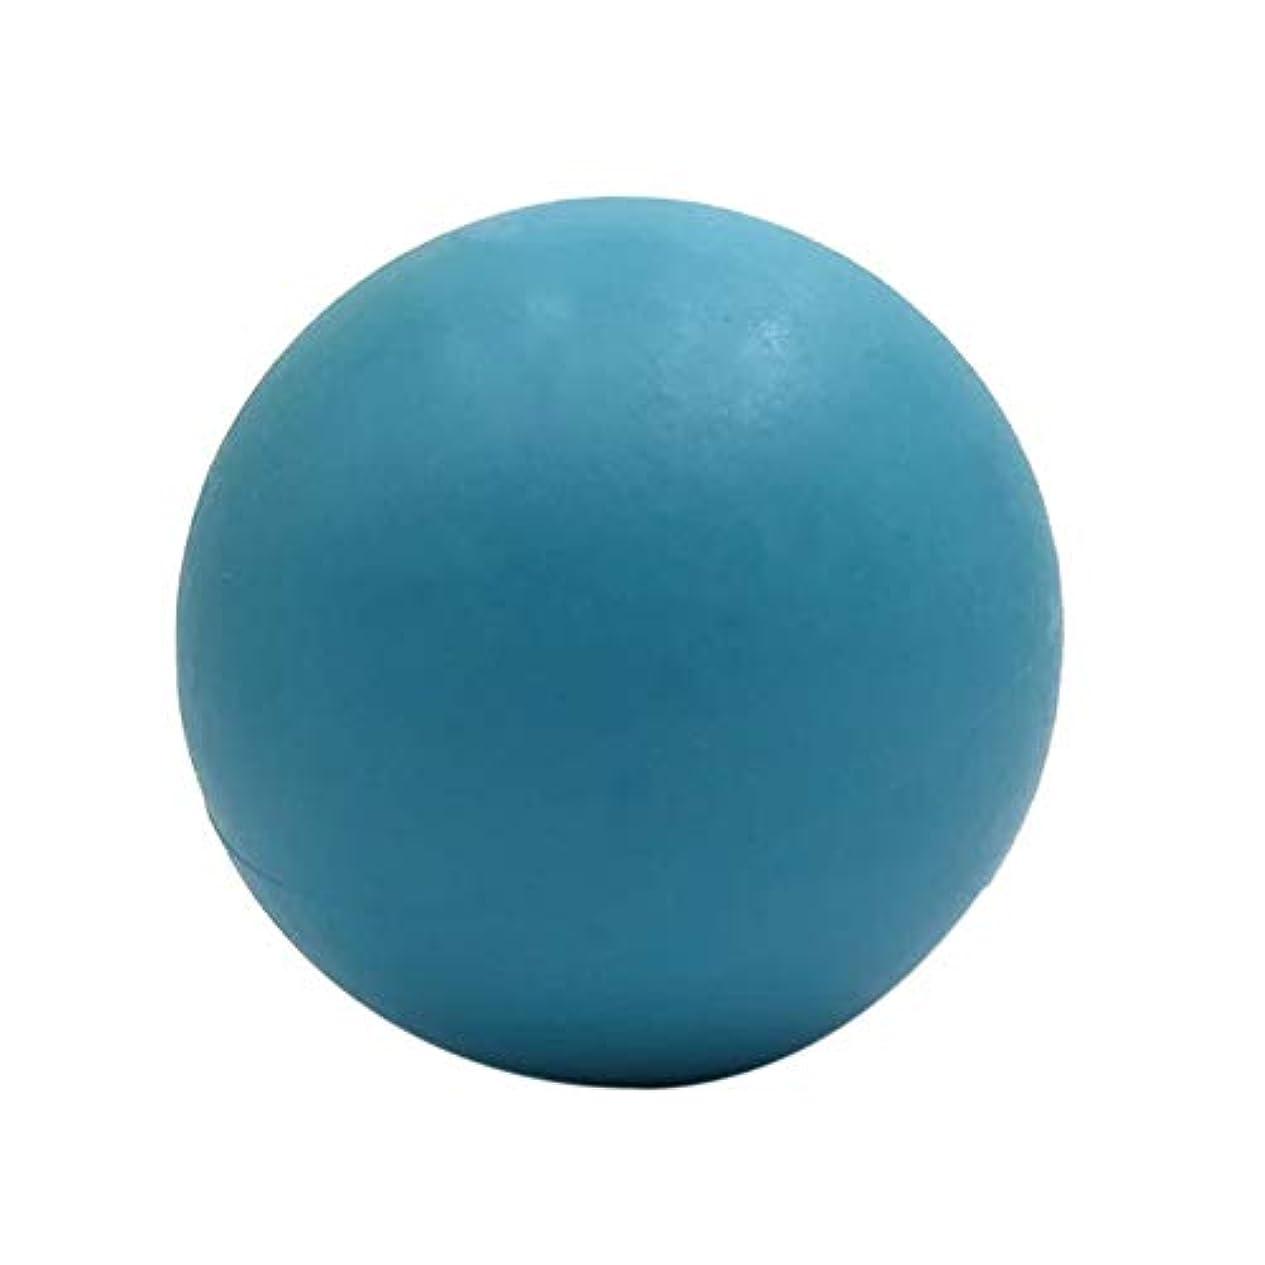 オペレーター毎年推進マッサージボール ストレッチボール疲れ解消ボール〕 トリガーポイント 筋膜リリース 「 肩/背中/腰/ふくらはぎ/足裏 」 ツボ押しグッズ(ブルー)